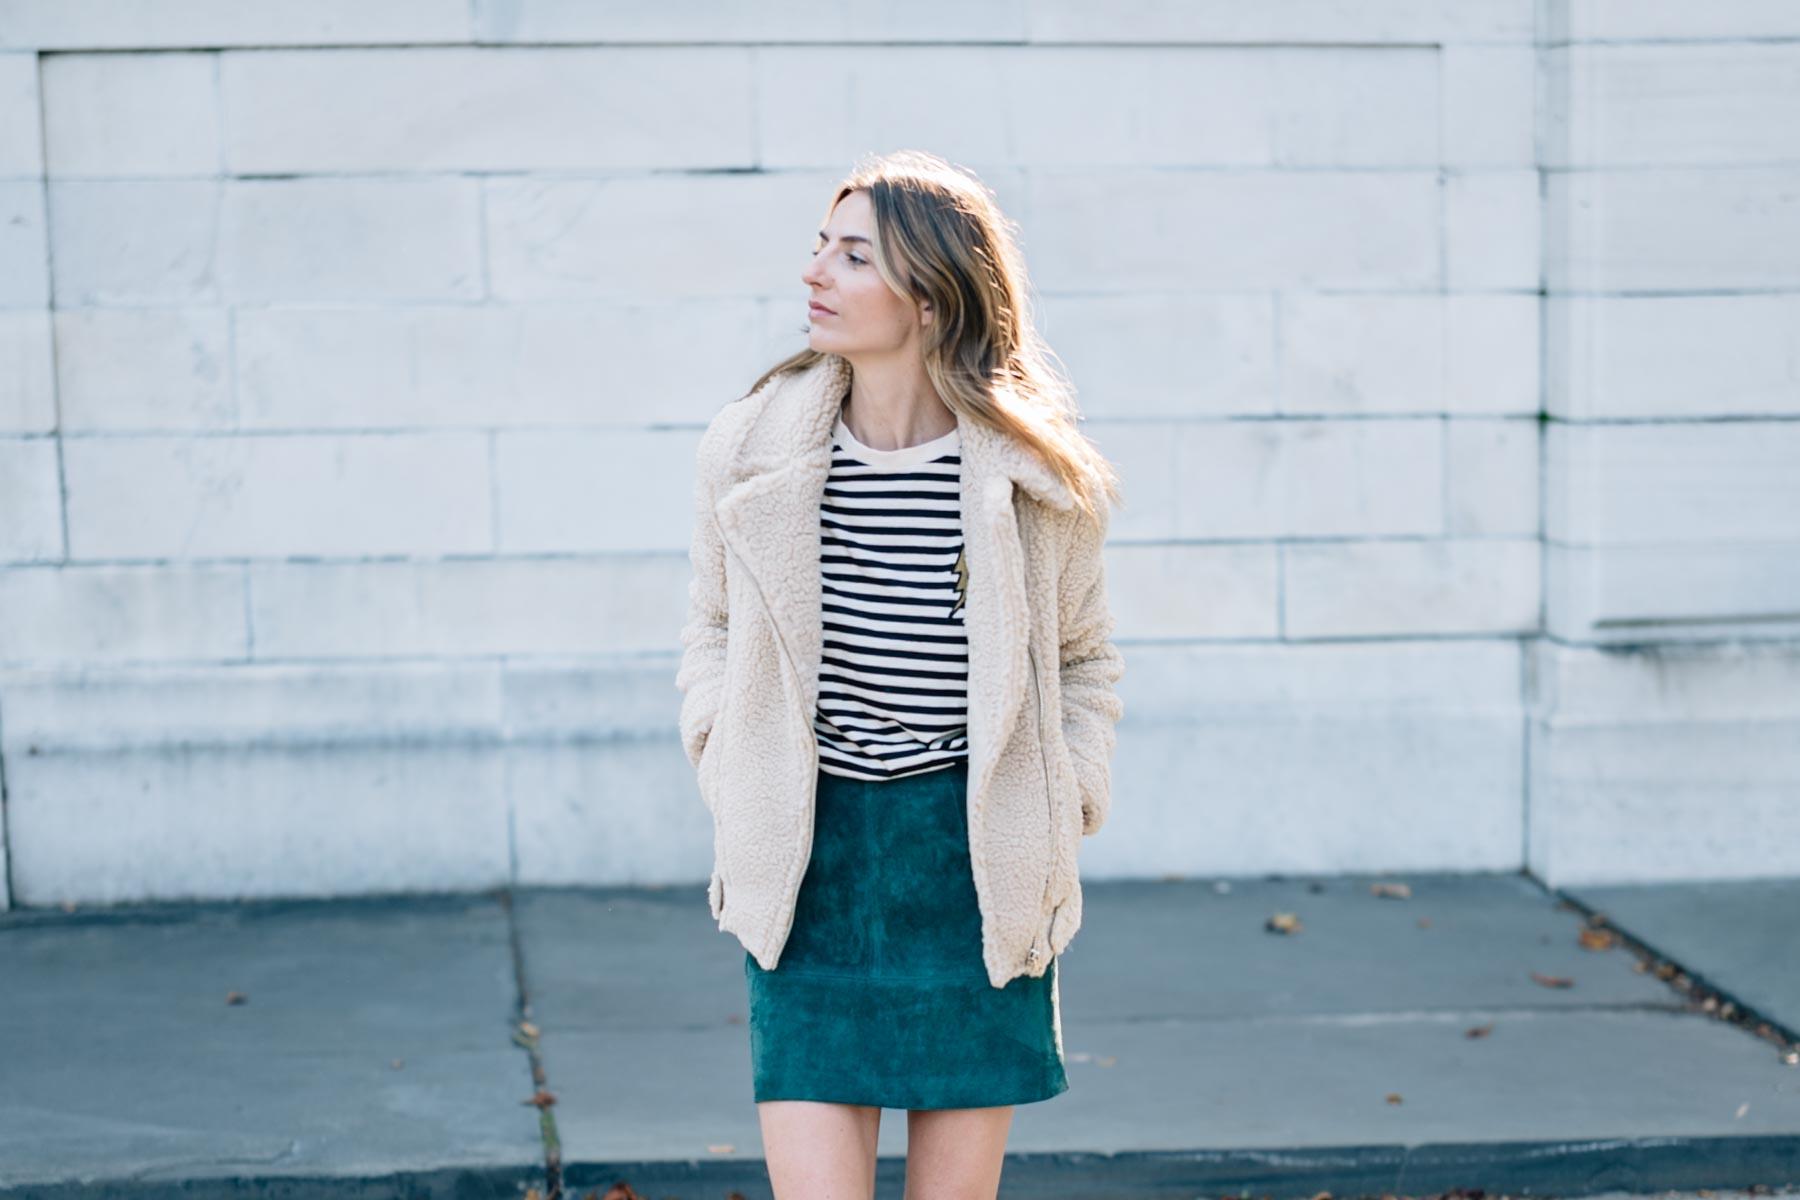 Jess Ann Kirby wears an H&M faux shearling moto jacket for a cozy fall look